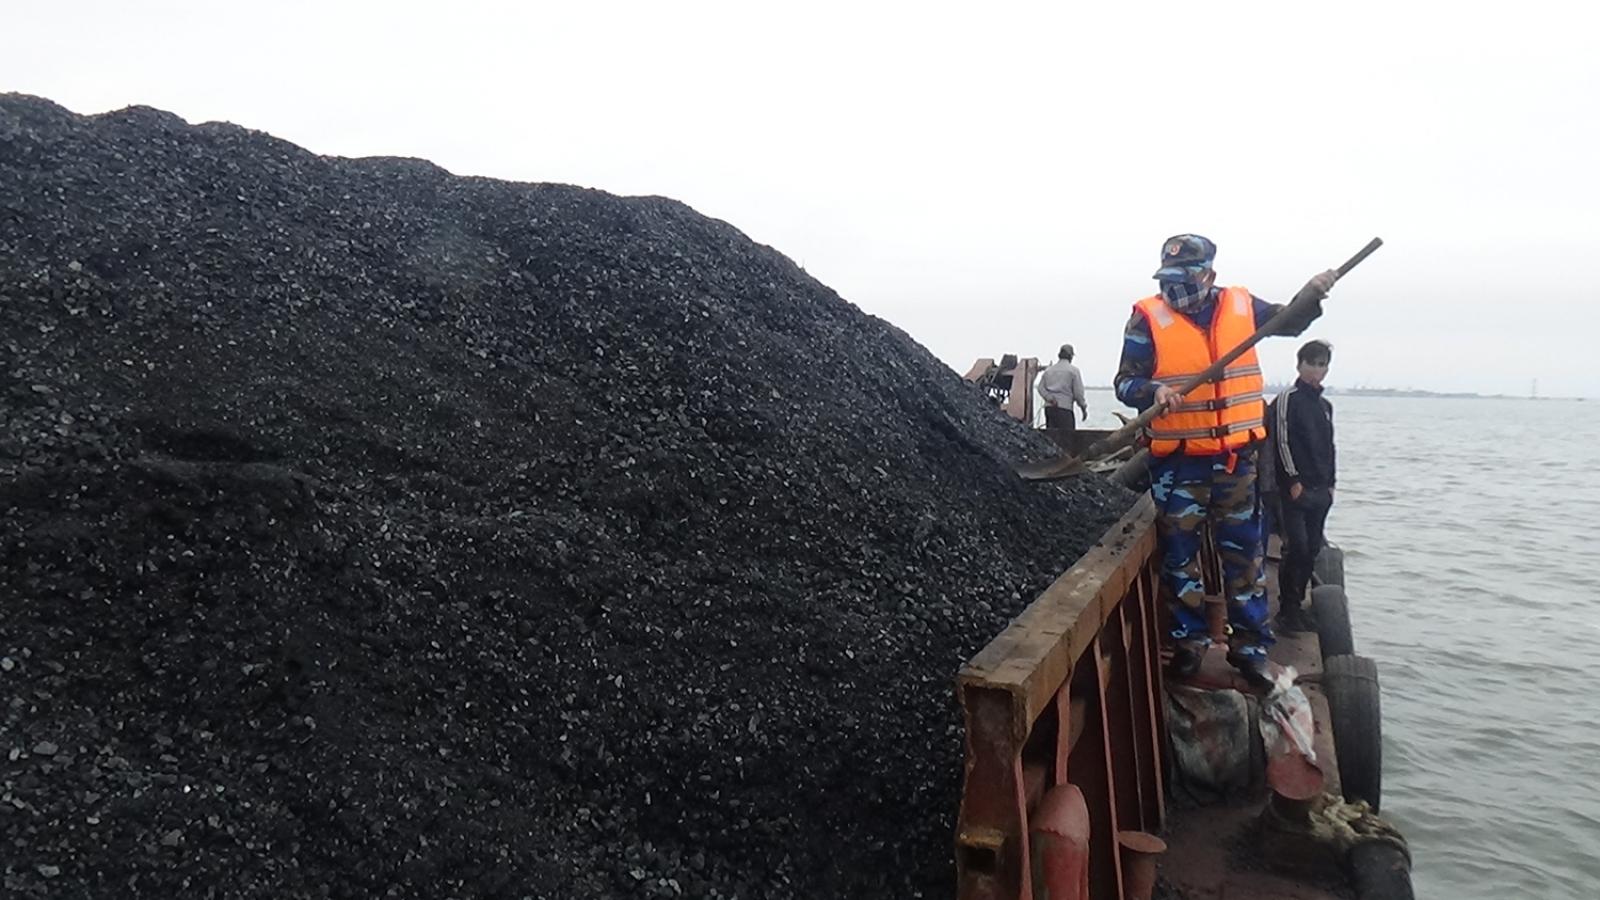 Cảnh sát biển tạm giữ tàu chở 120 tấn than không rõ nguồn gốc ở Quảng Ninh